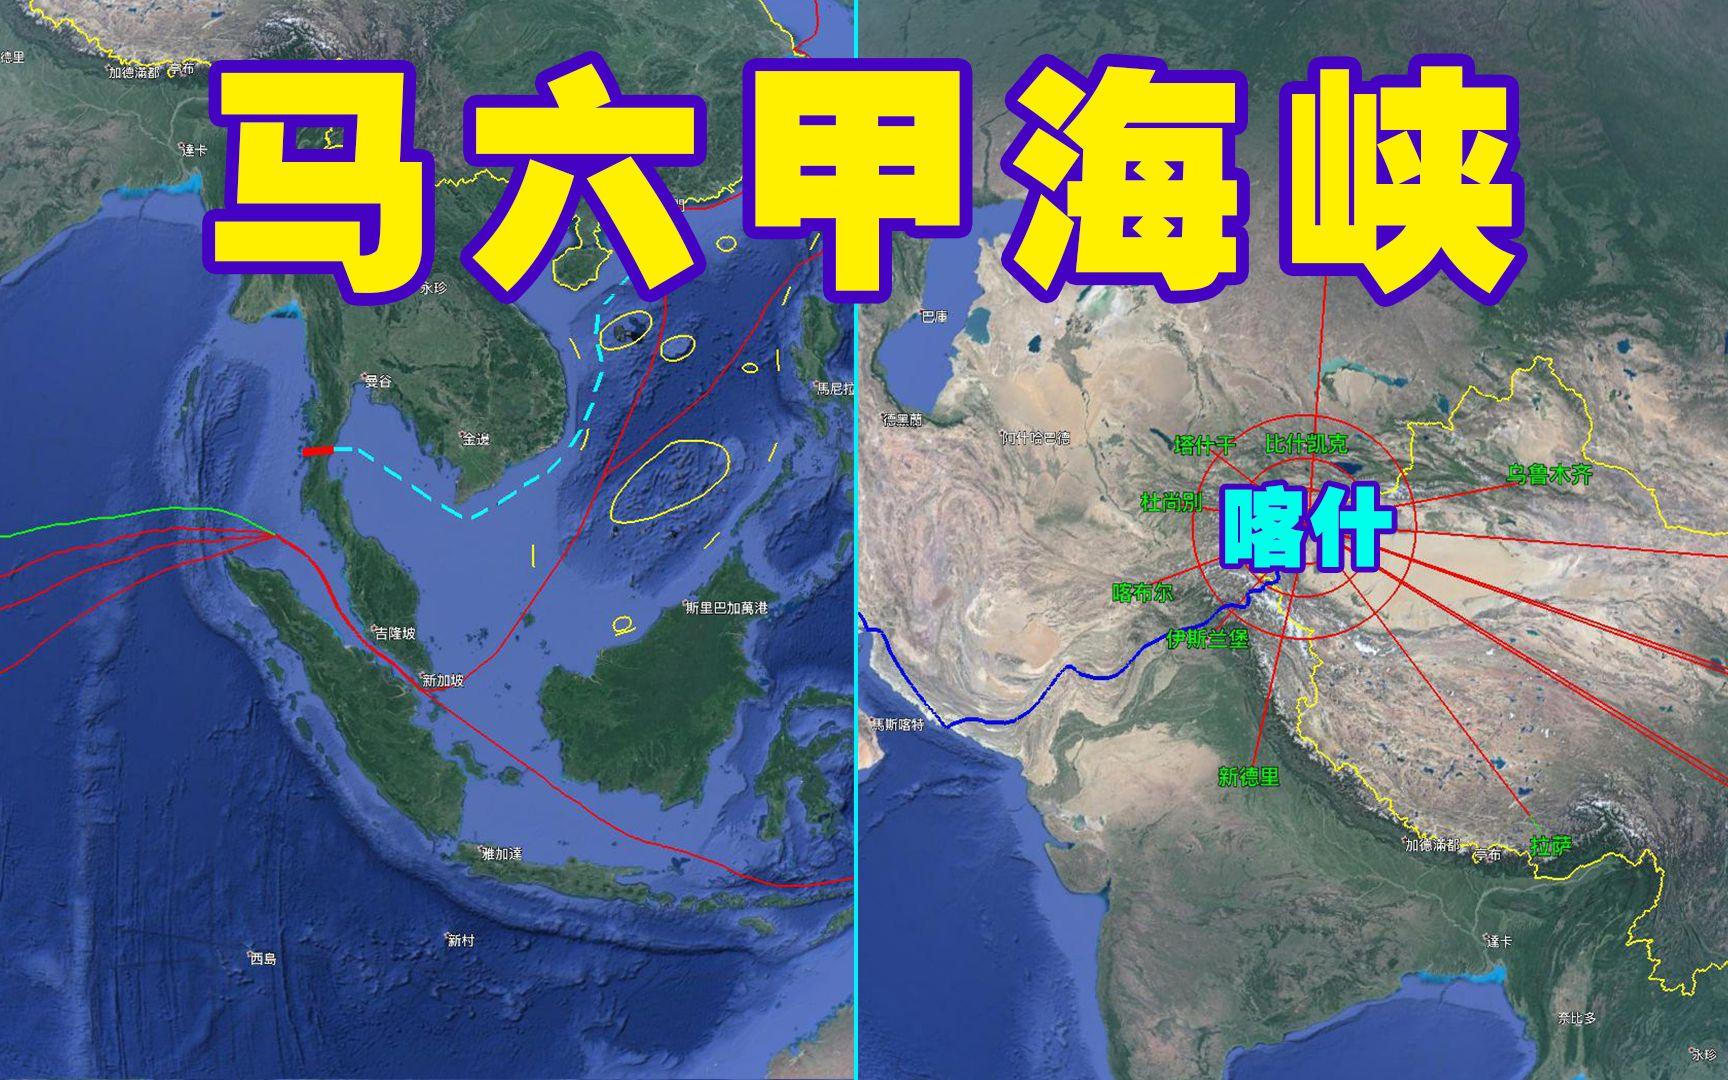 克拉地峡运河_中国如何破除马六甲海峡困境?战略家比我们想得更远!三条 ...